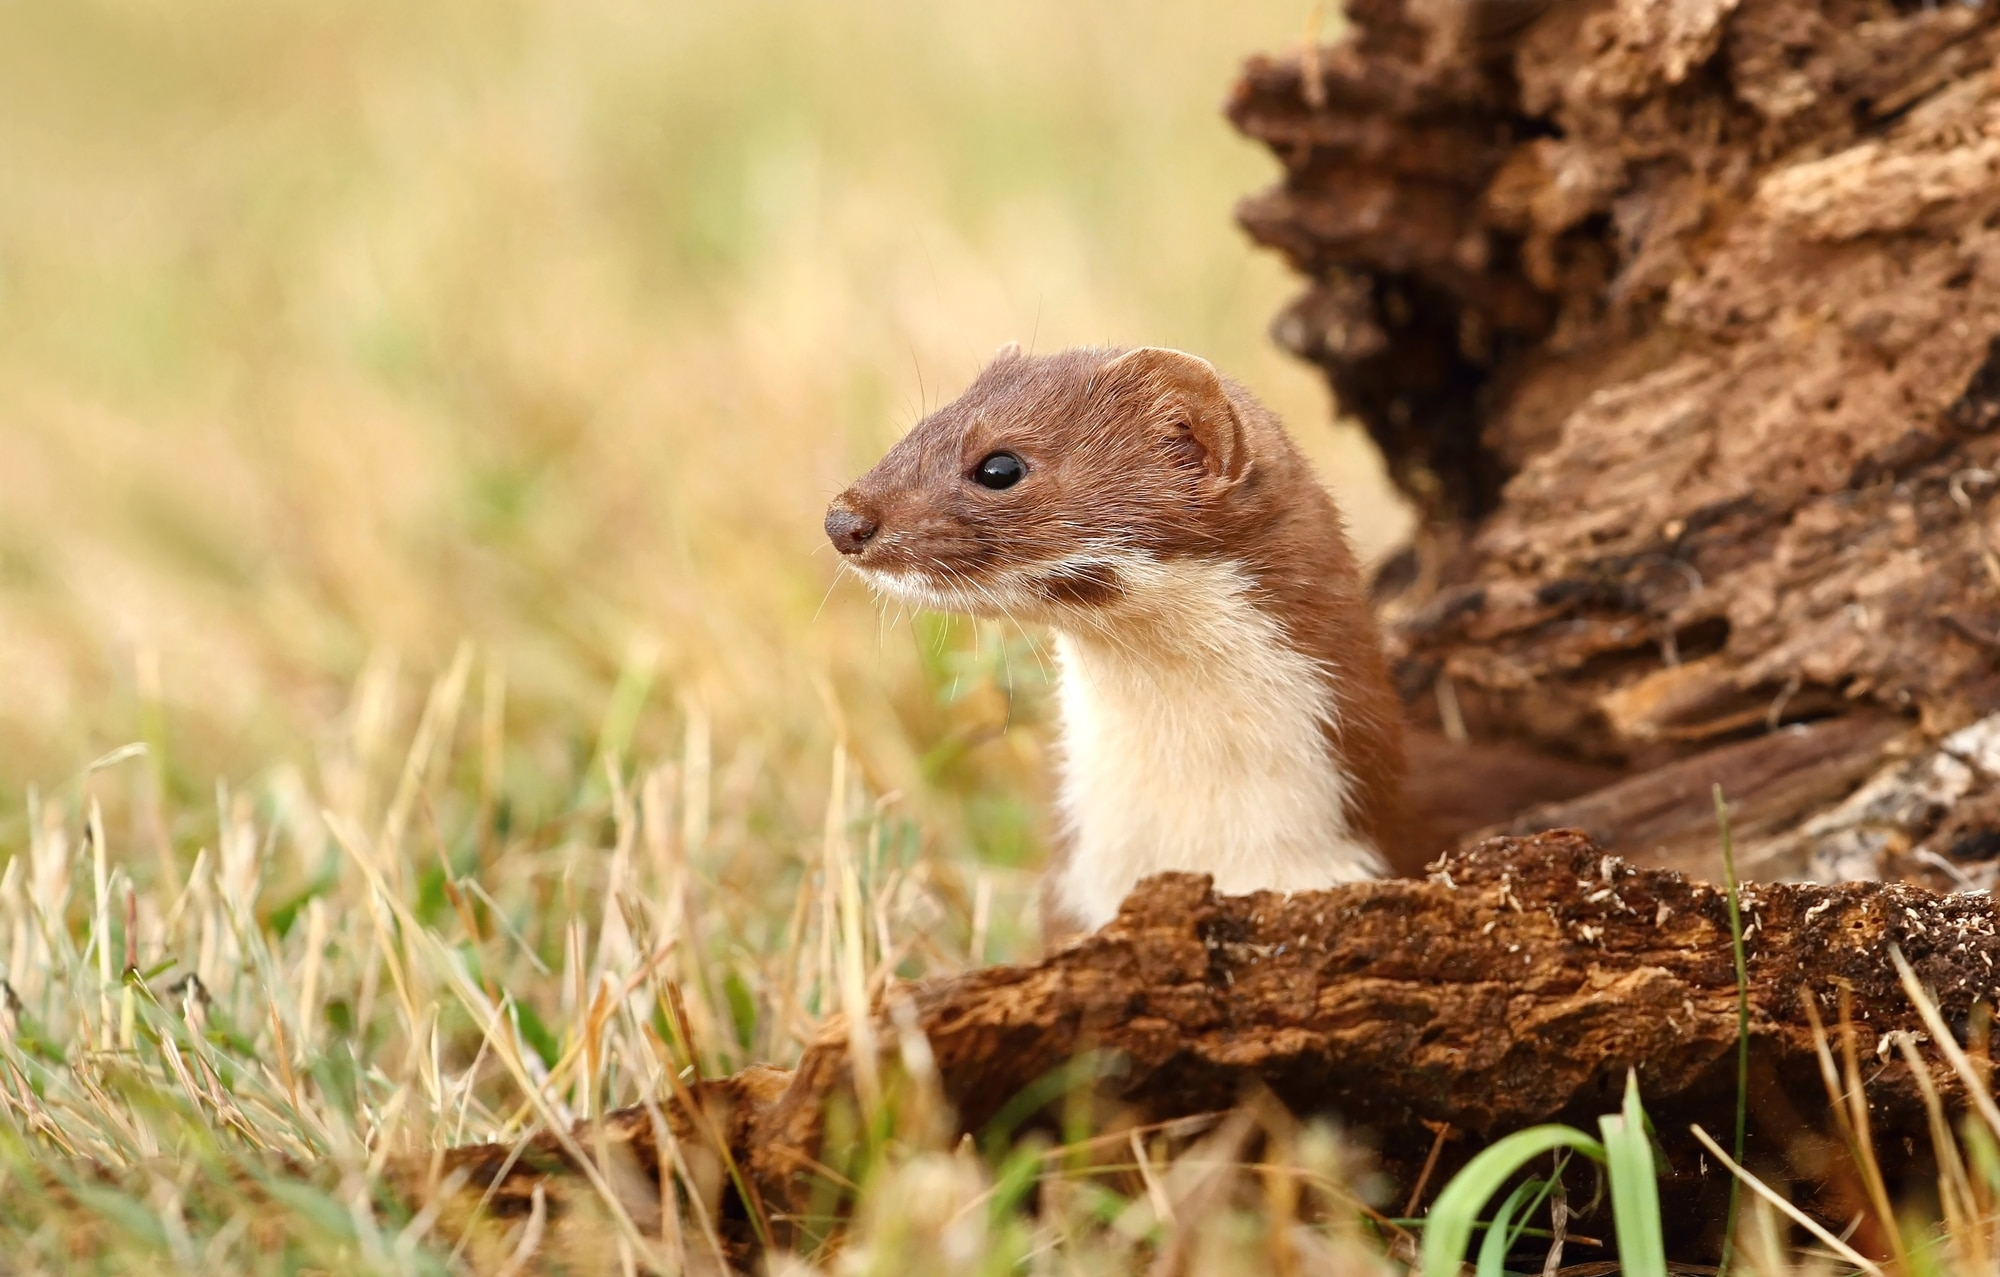 Weasel in its habitat